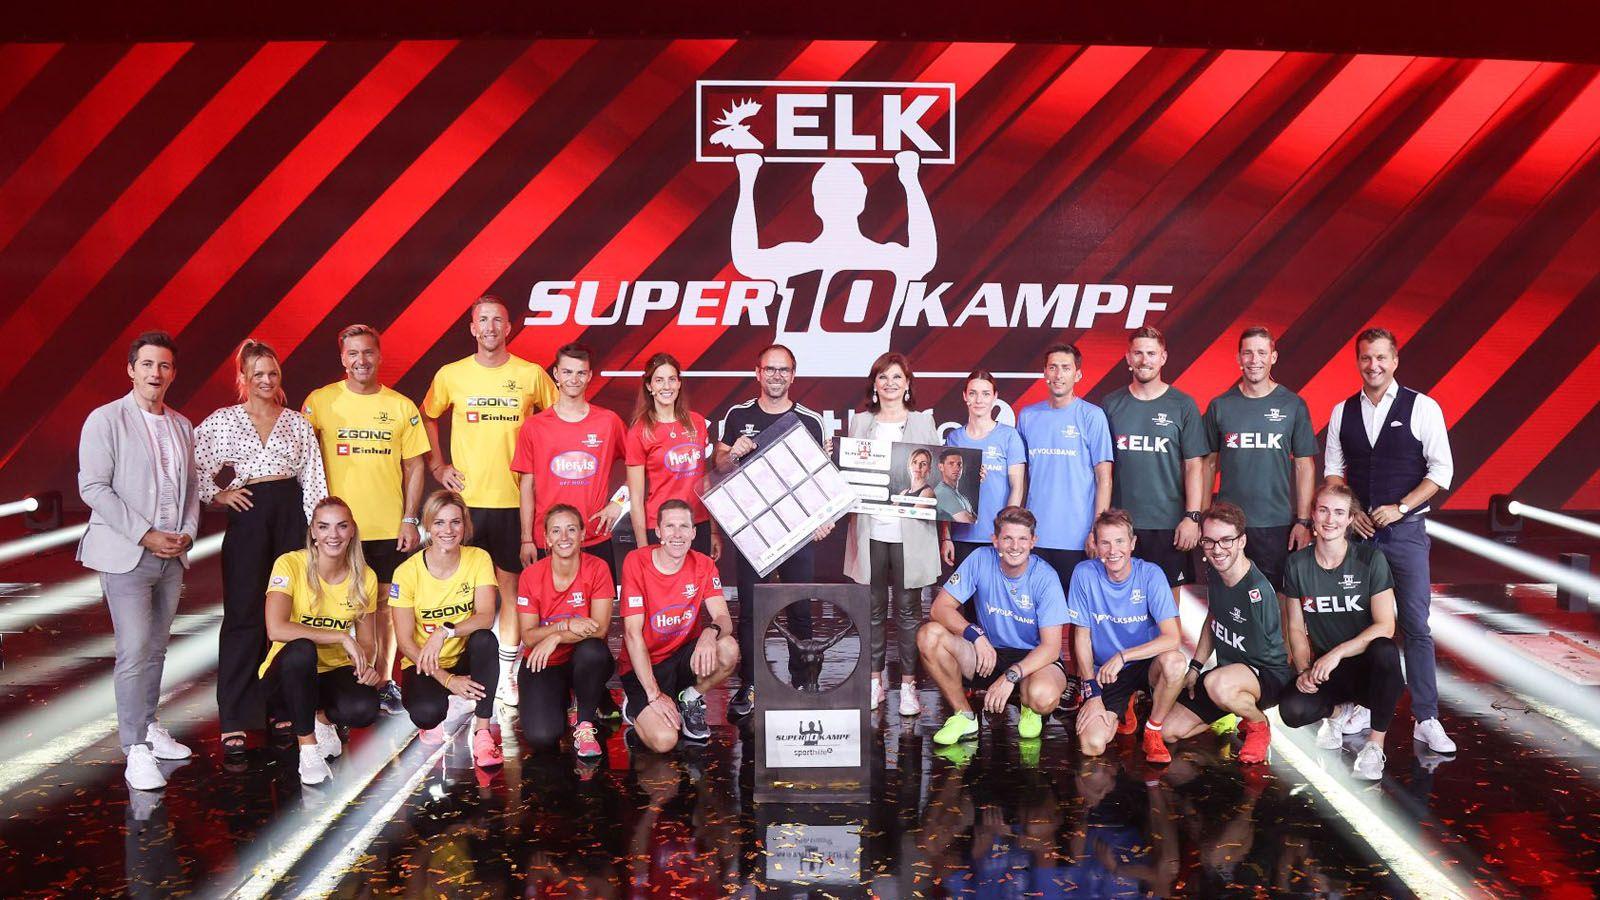 TV-Present: [m]Studio und ORF produzieren ELK Super10Kampf